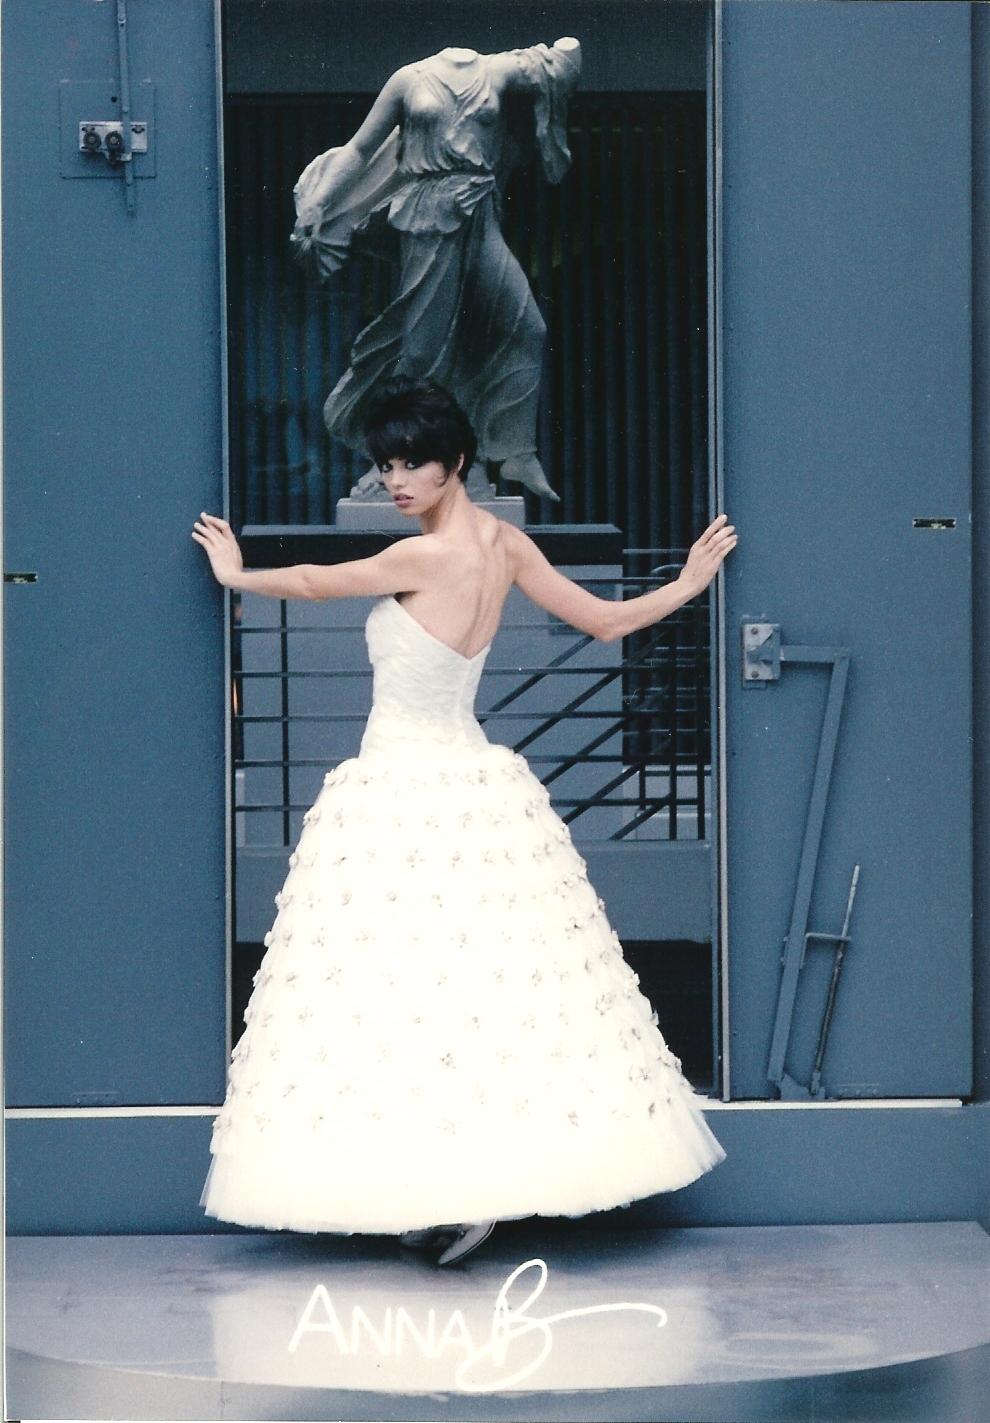 Rose Buds Bride Gown - AnnaB Inc. : AnnaB Inc.